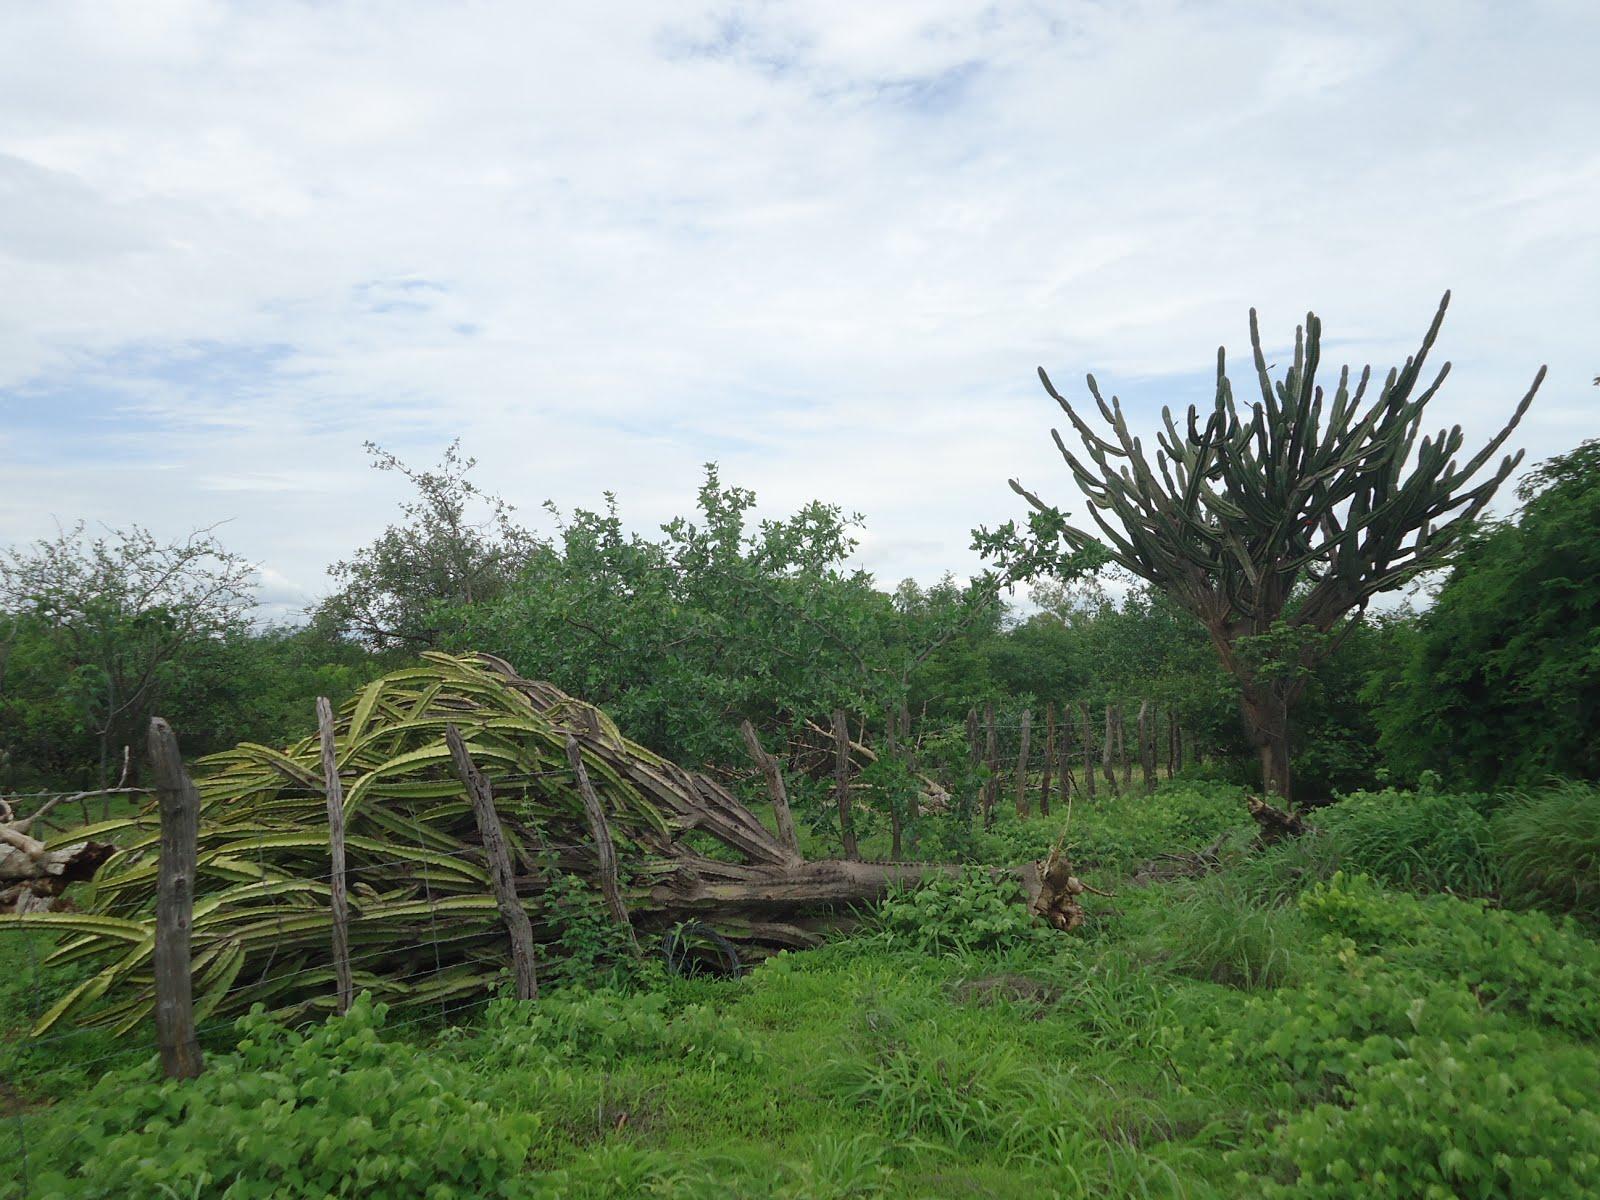 Planta de mandacaru derrubada pelos ventos